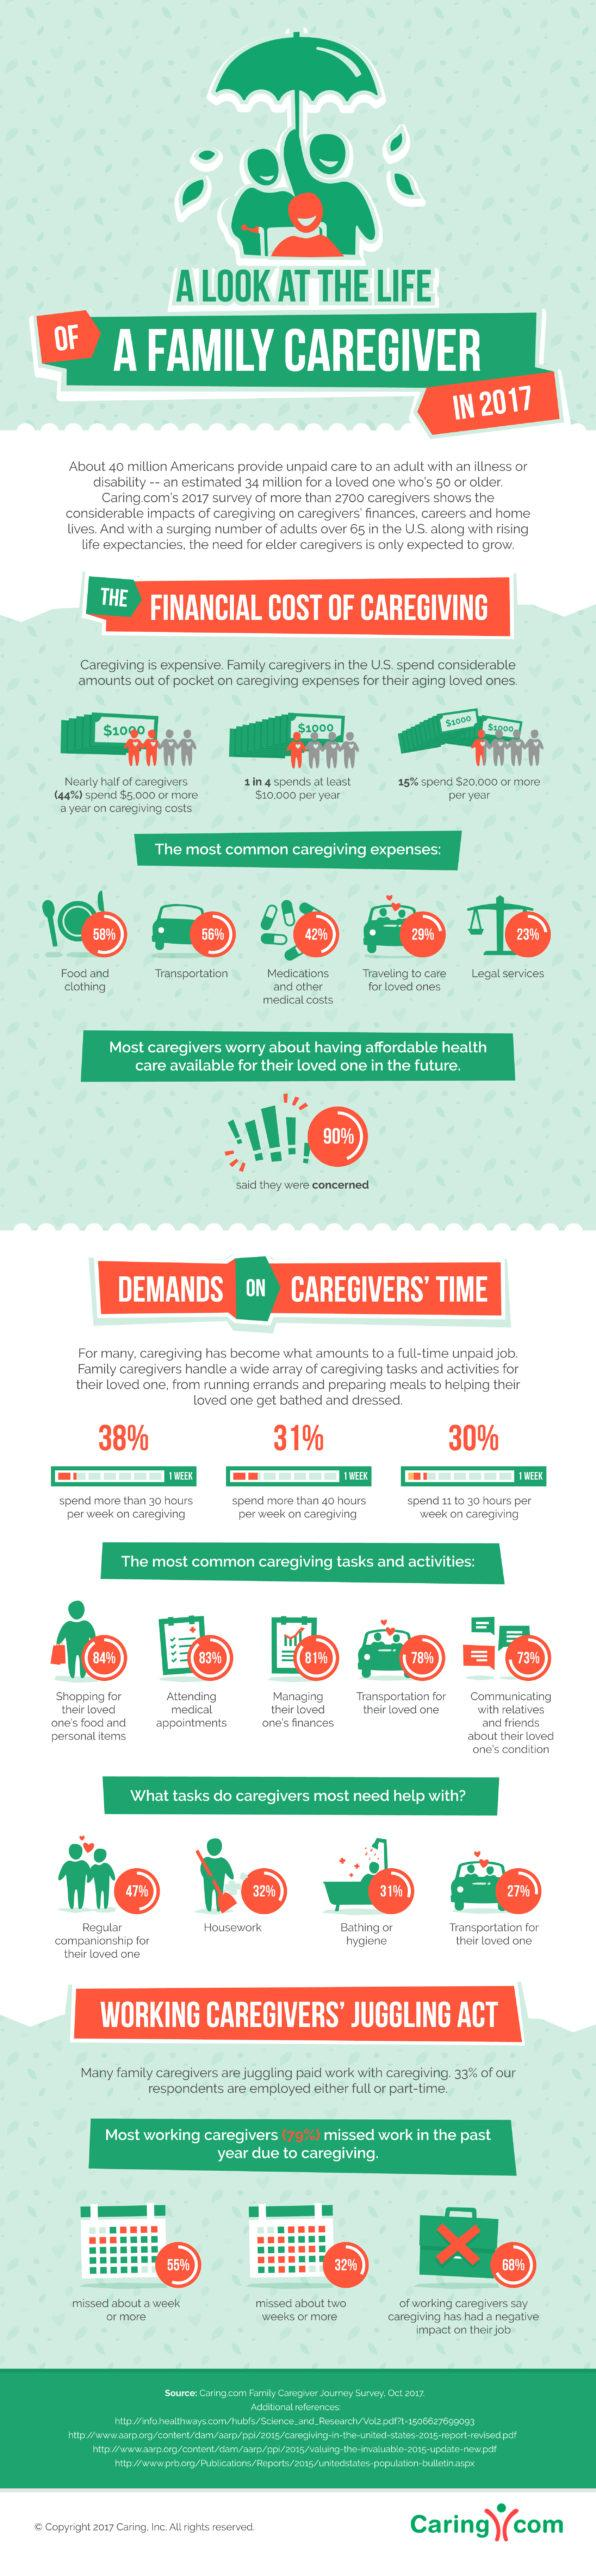 Caring.com 2017 Caregiver Journey